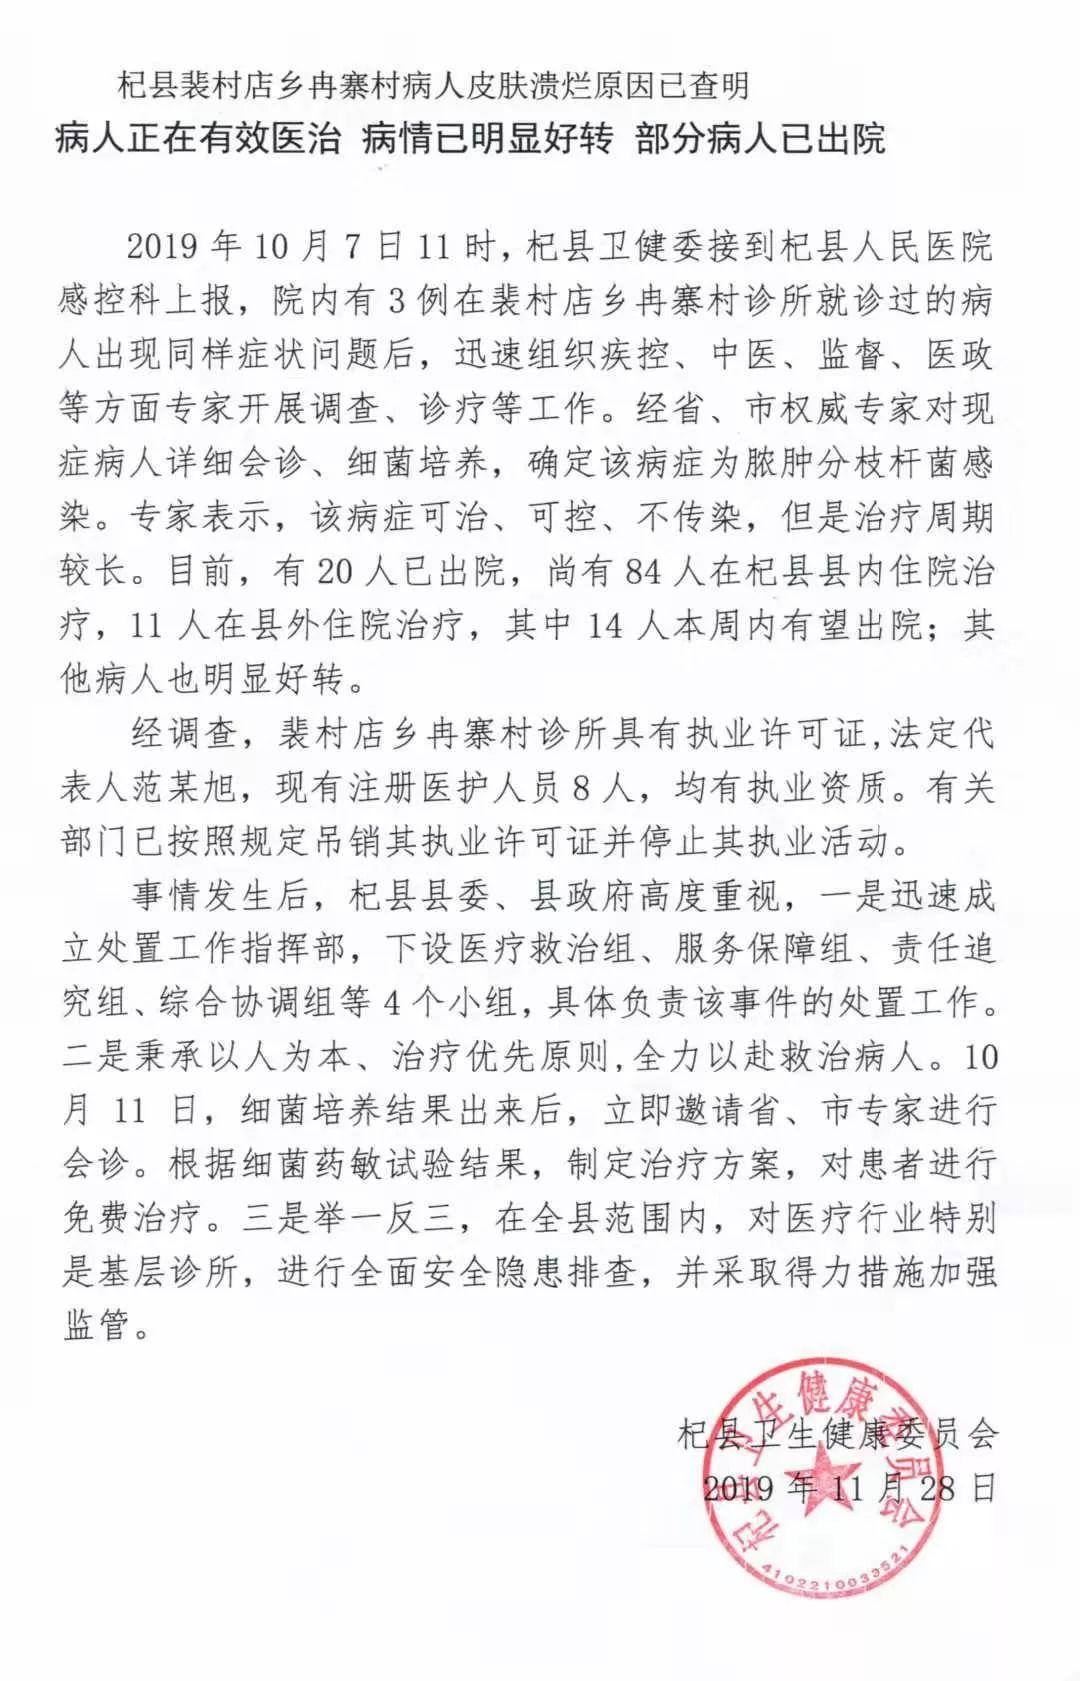 11月28日,杞縣衛健委發布通告